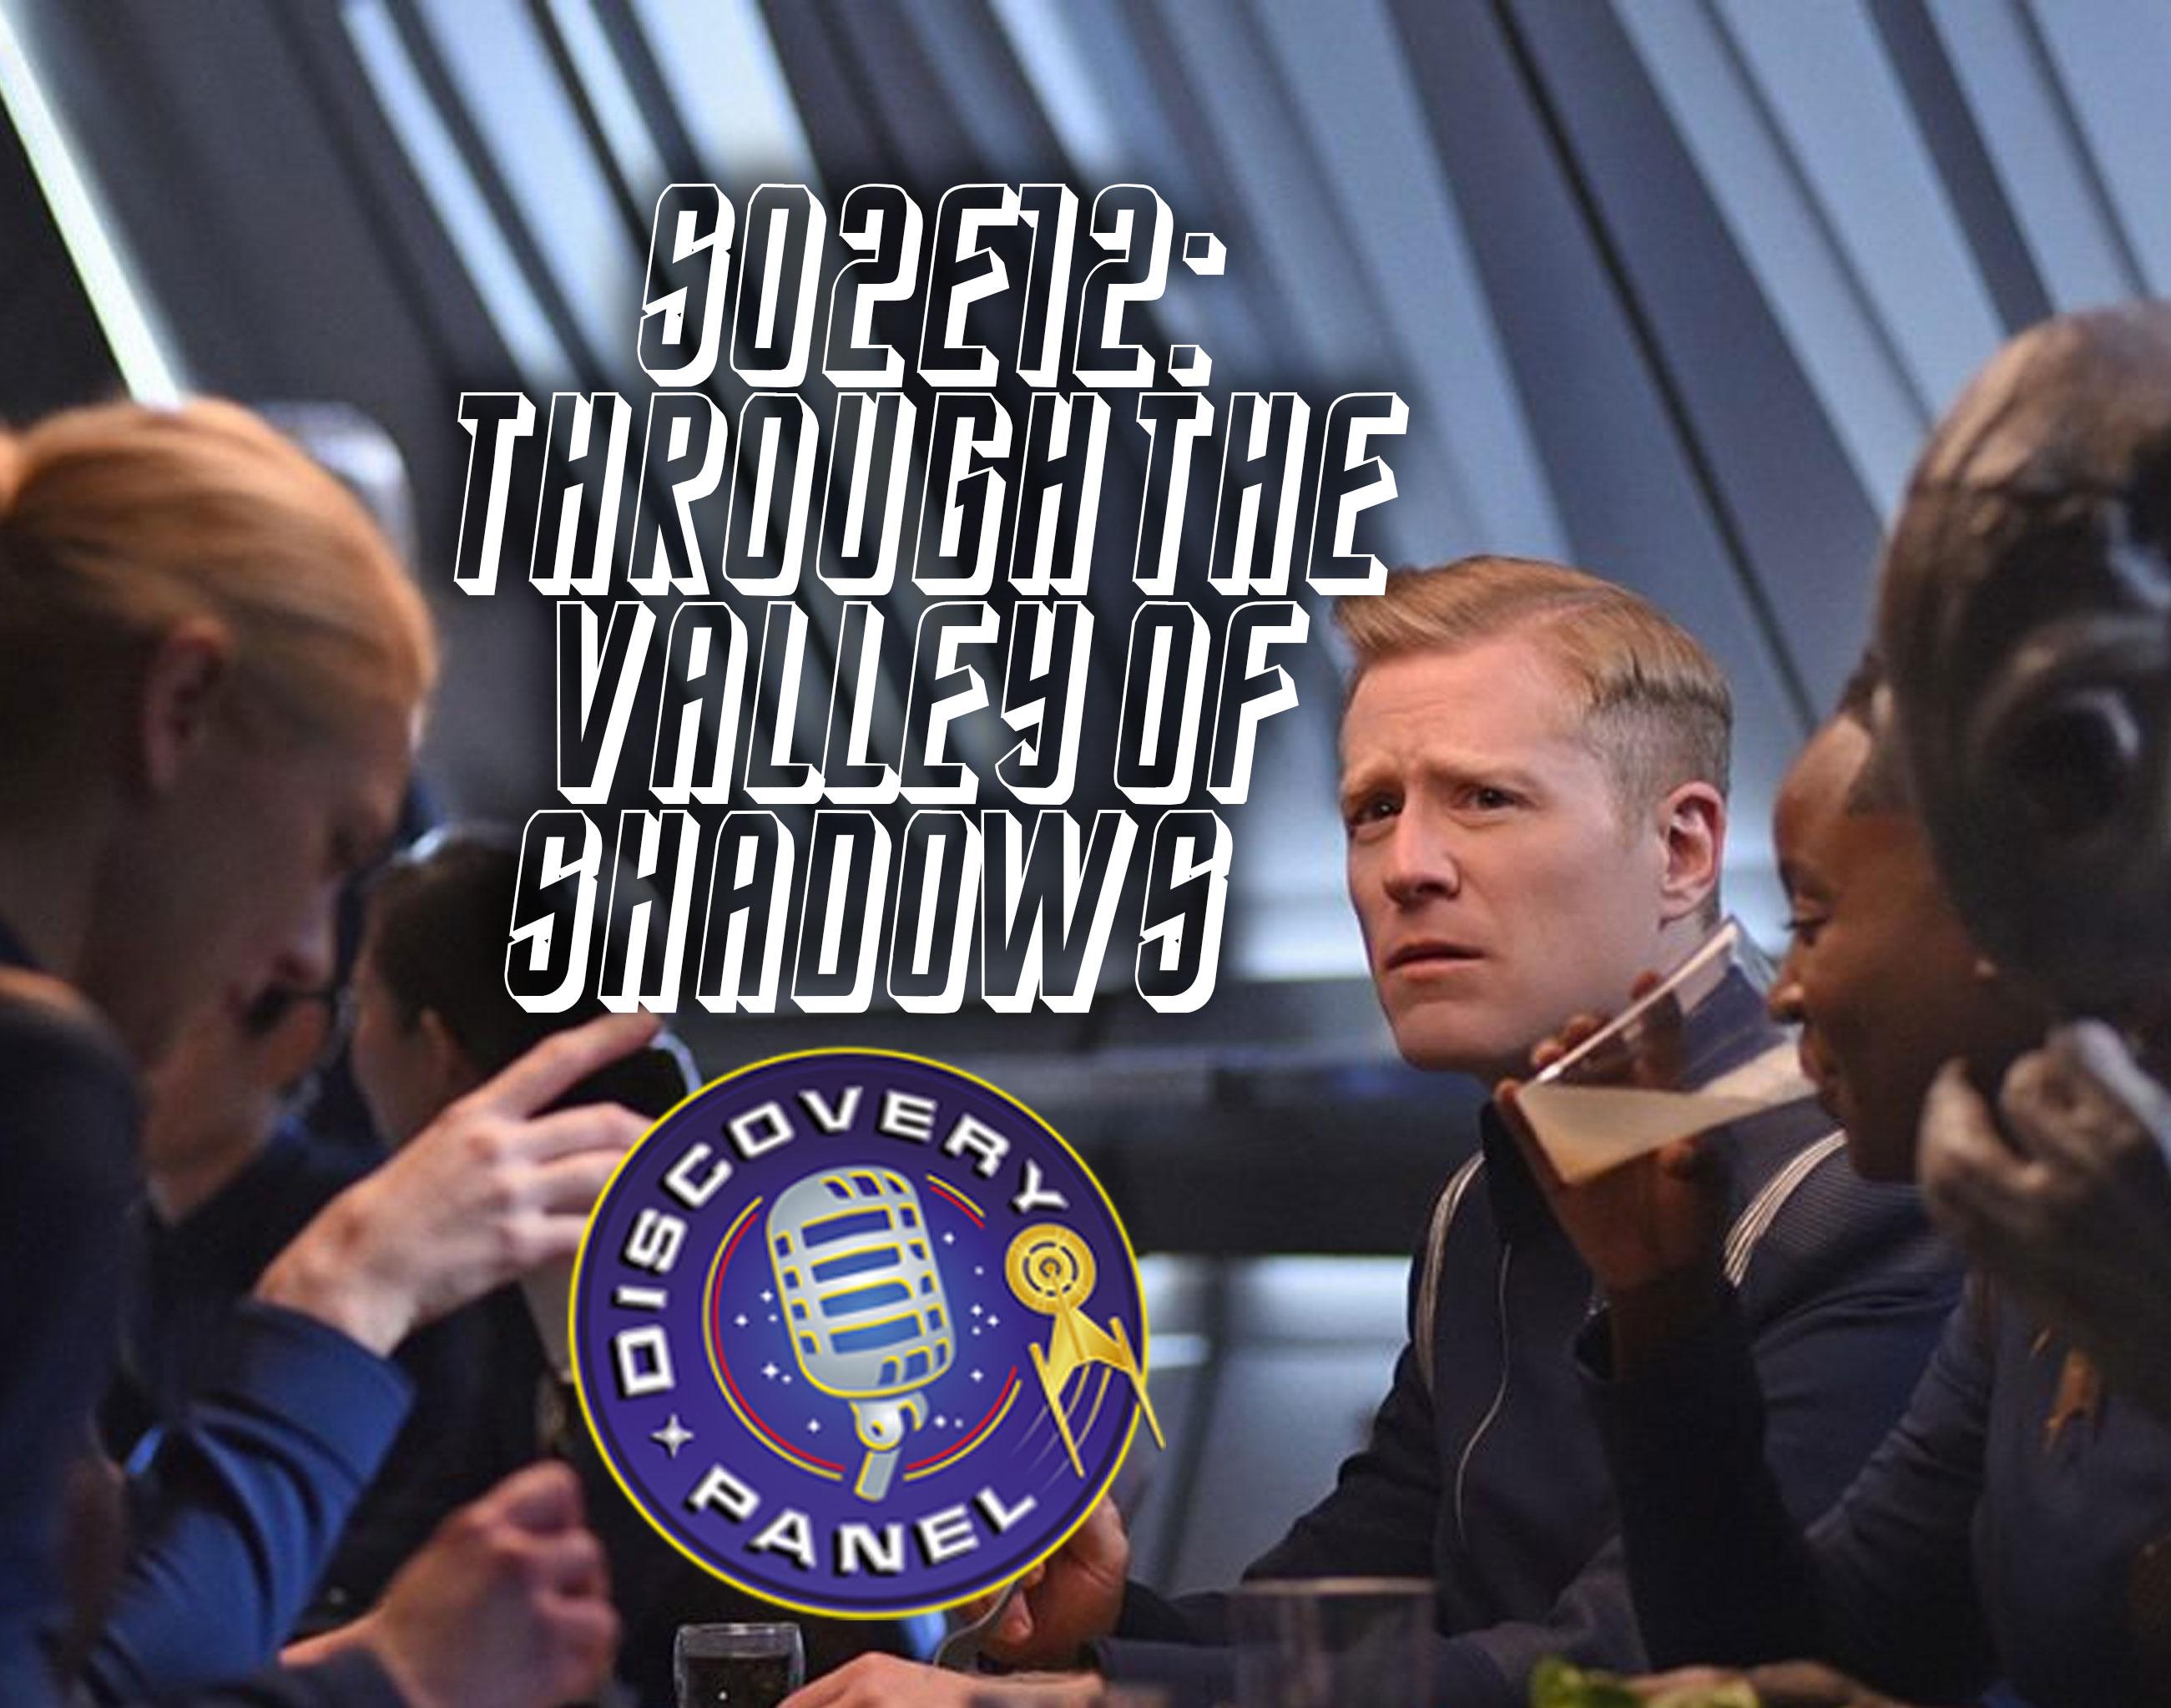 """Episodenbesprechung: Star Trek Discovery – """"Through the Valley of Shadows"""" (S02E12)"""